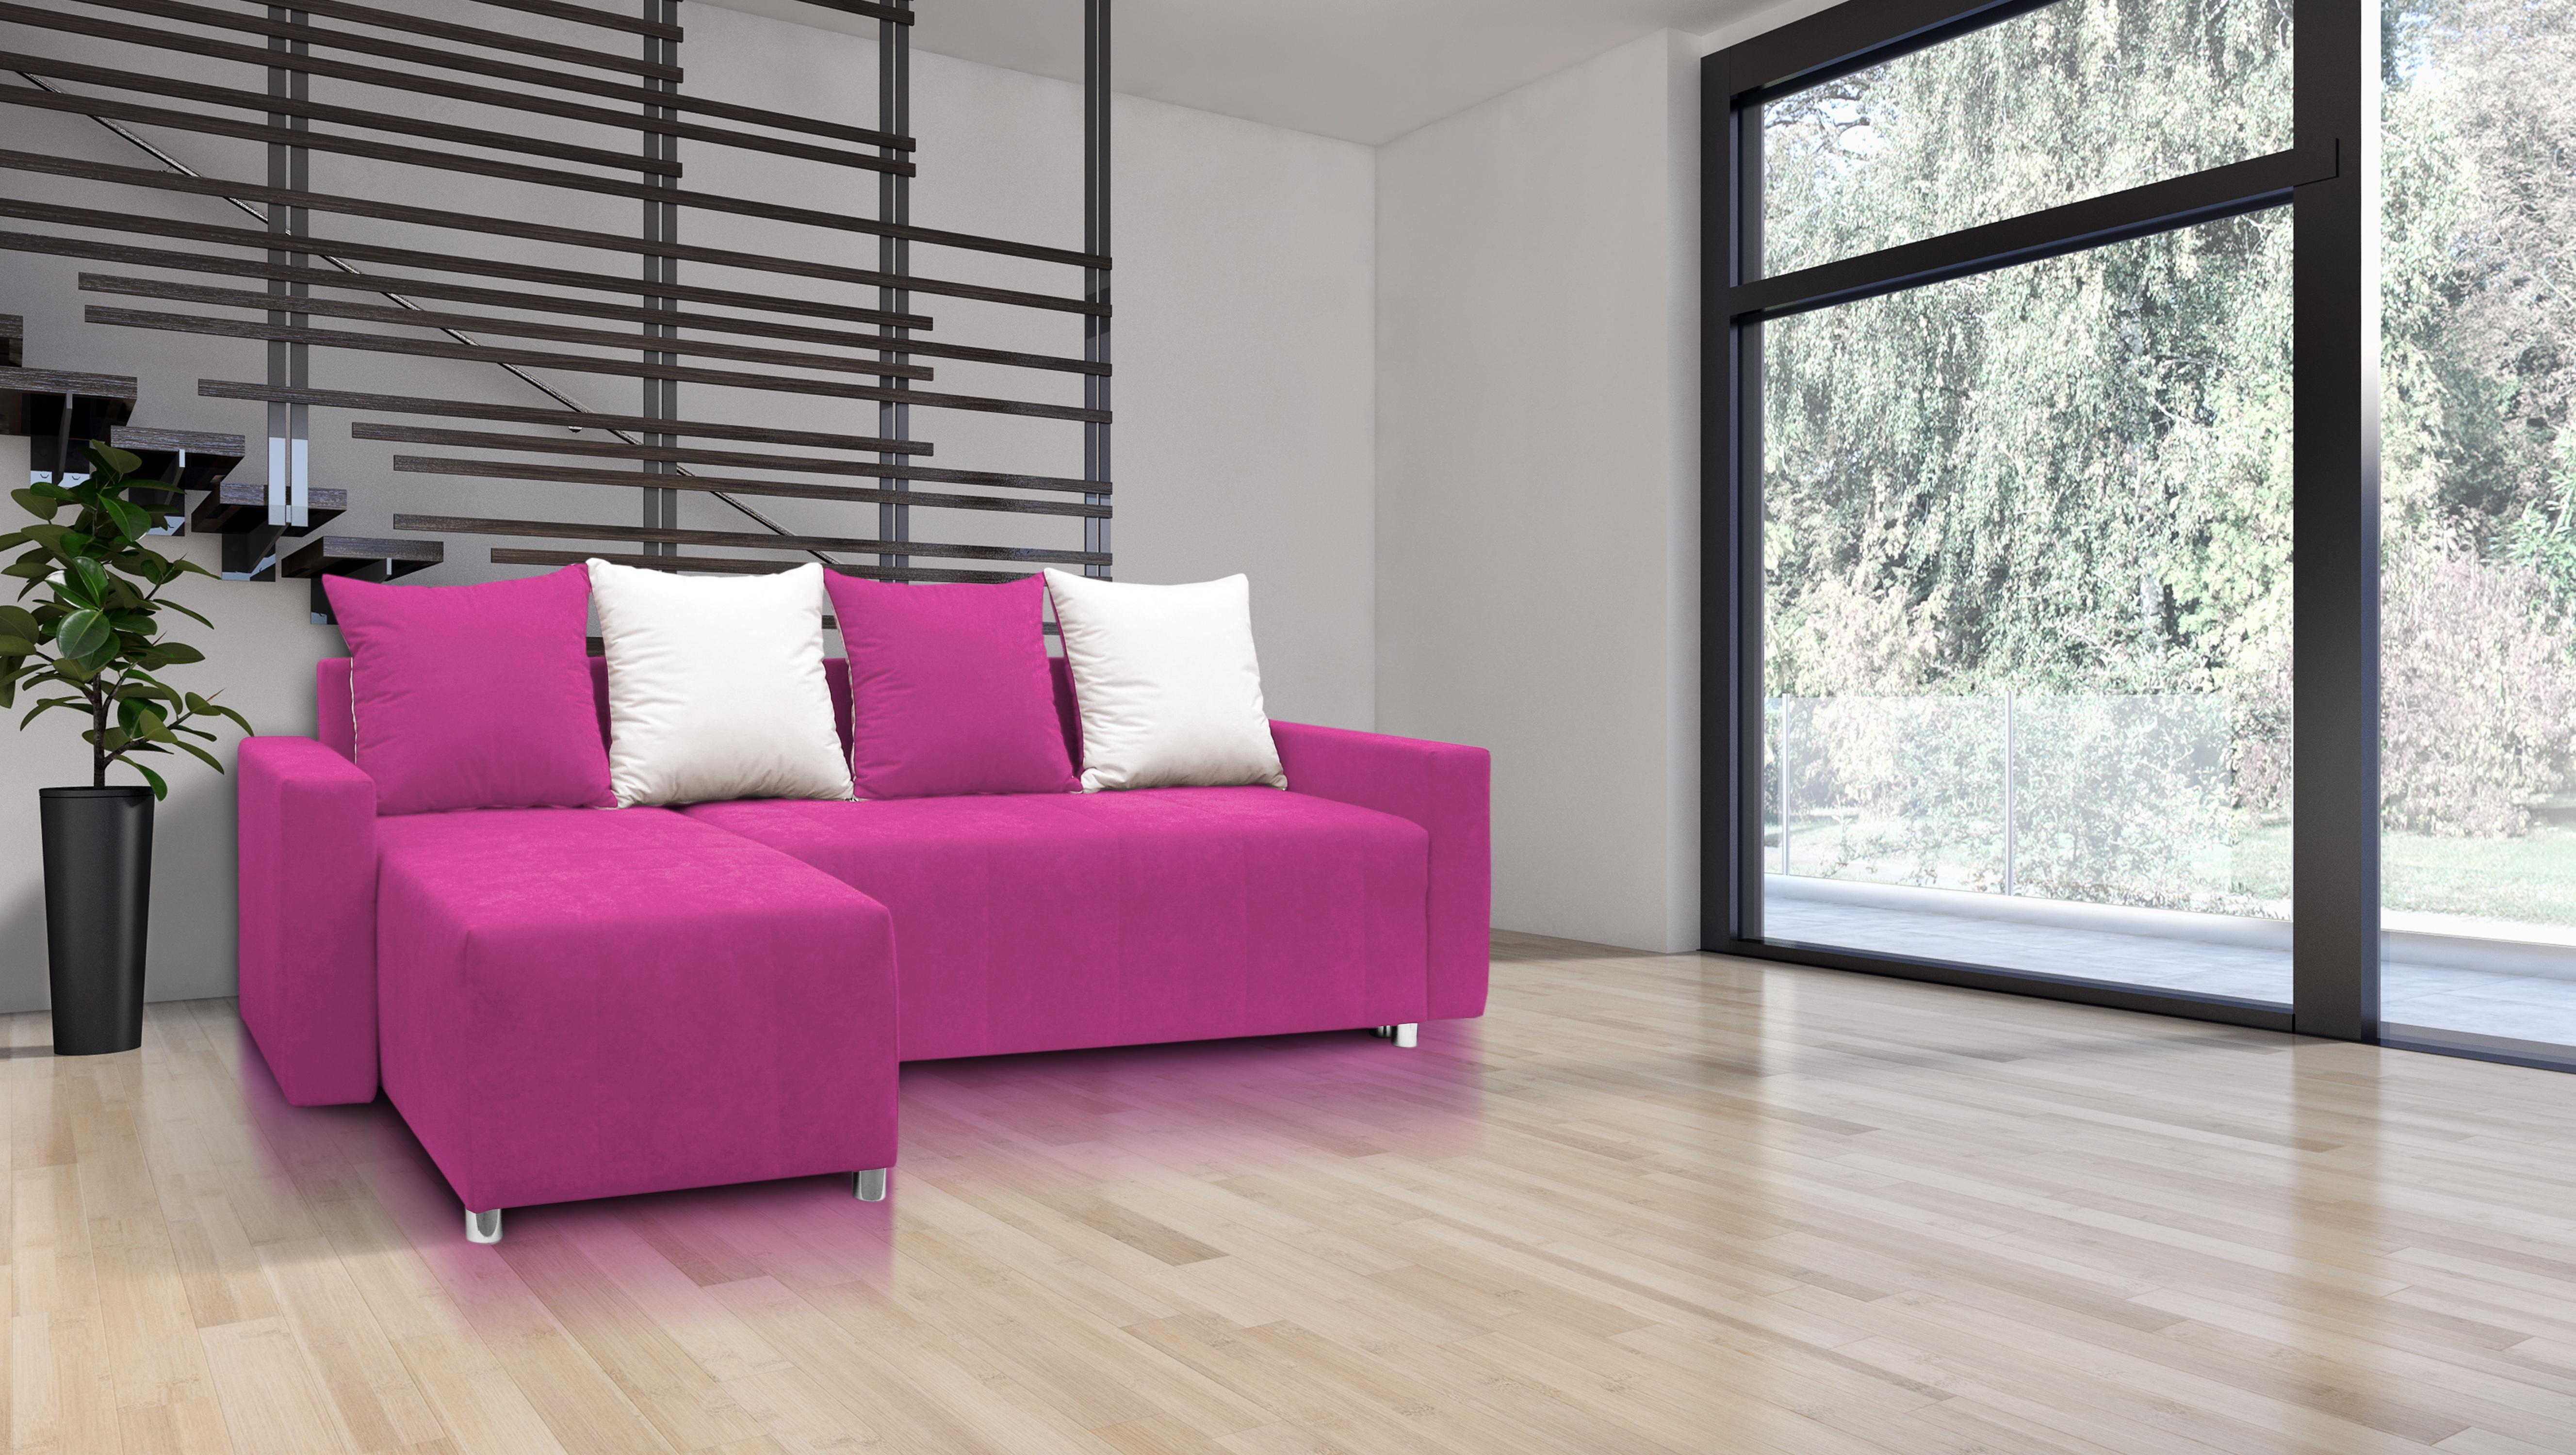 Rohová sedací souprava - Briston s opěrkami (růžová + polštáře)